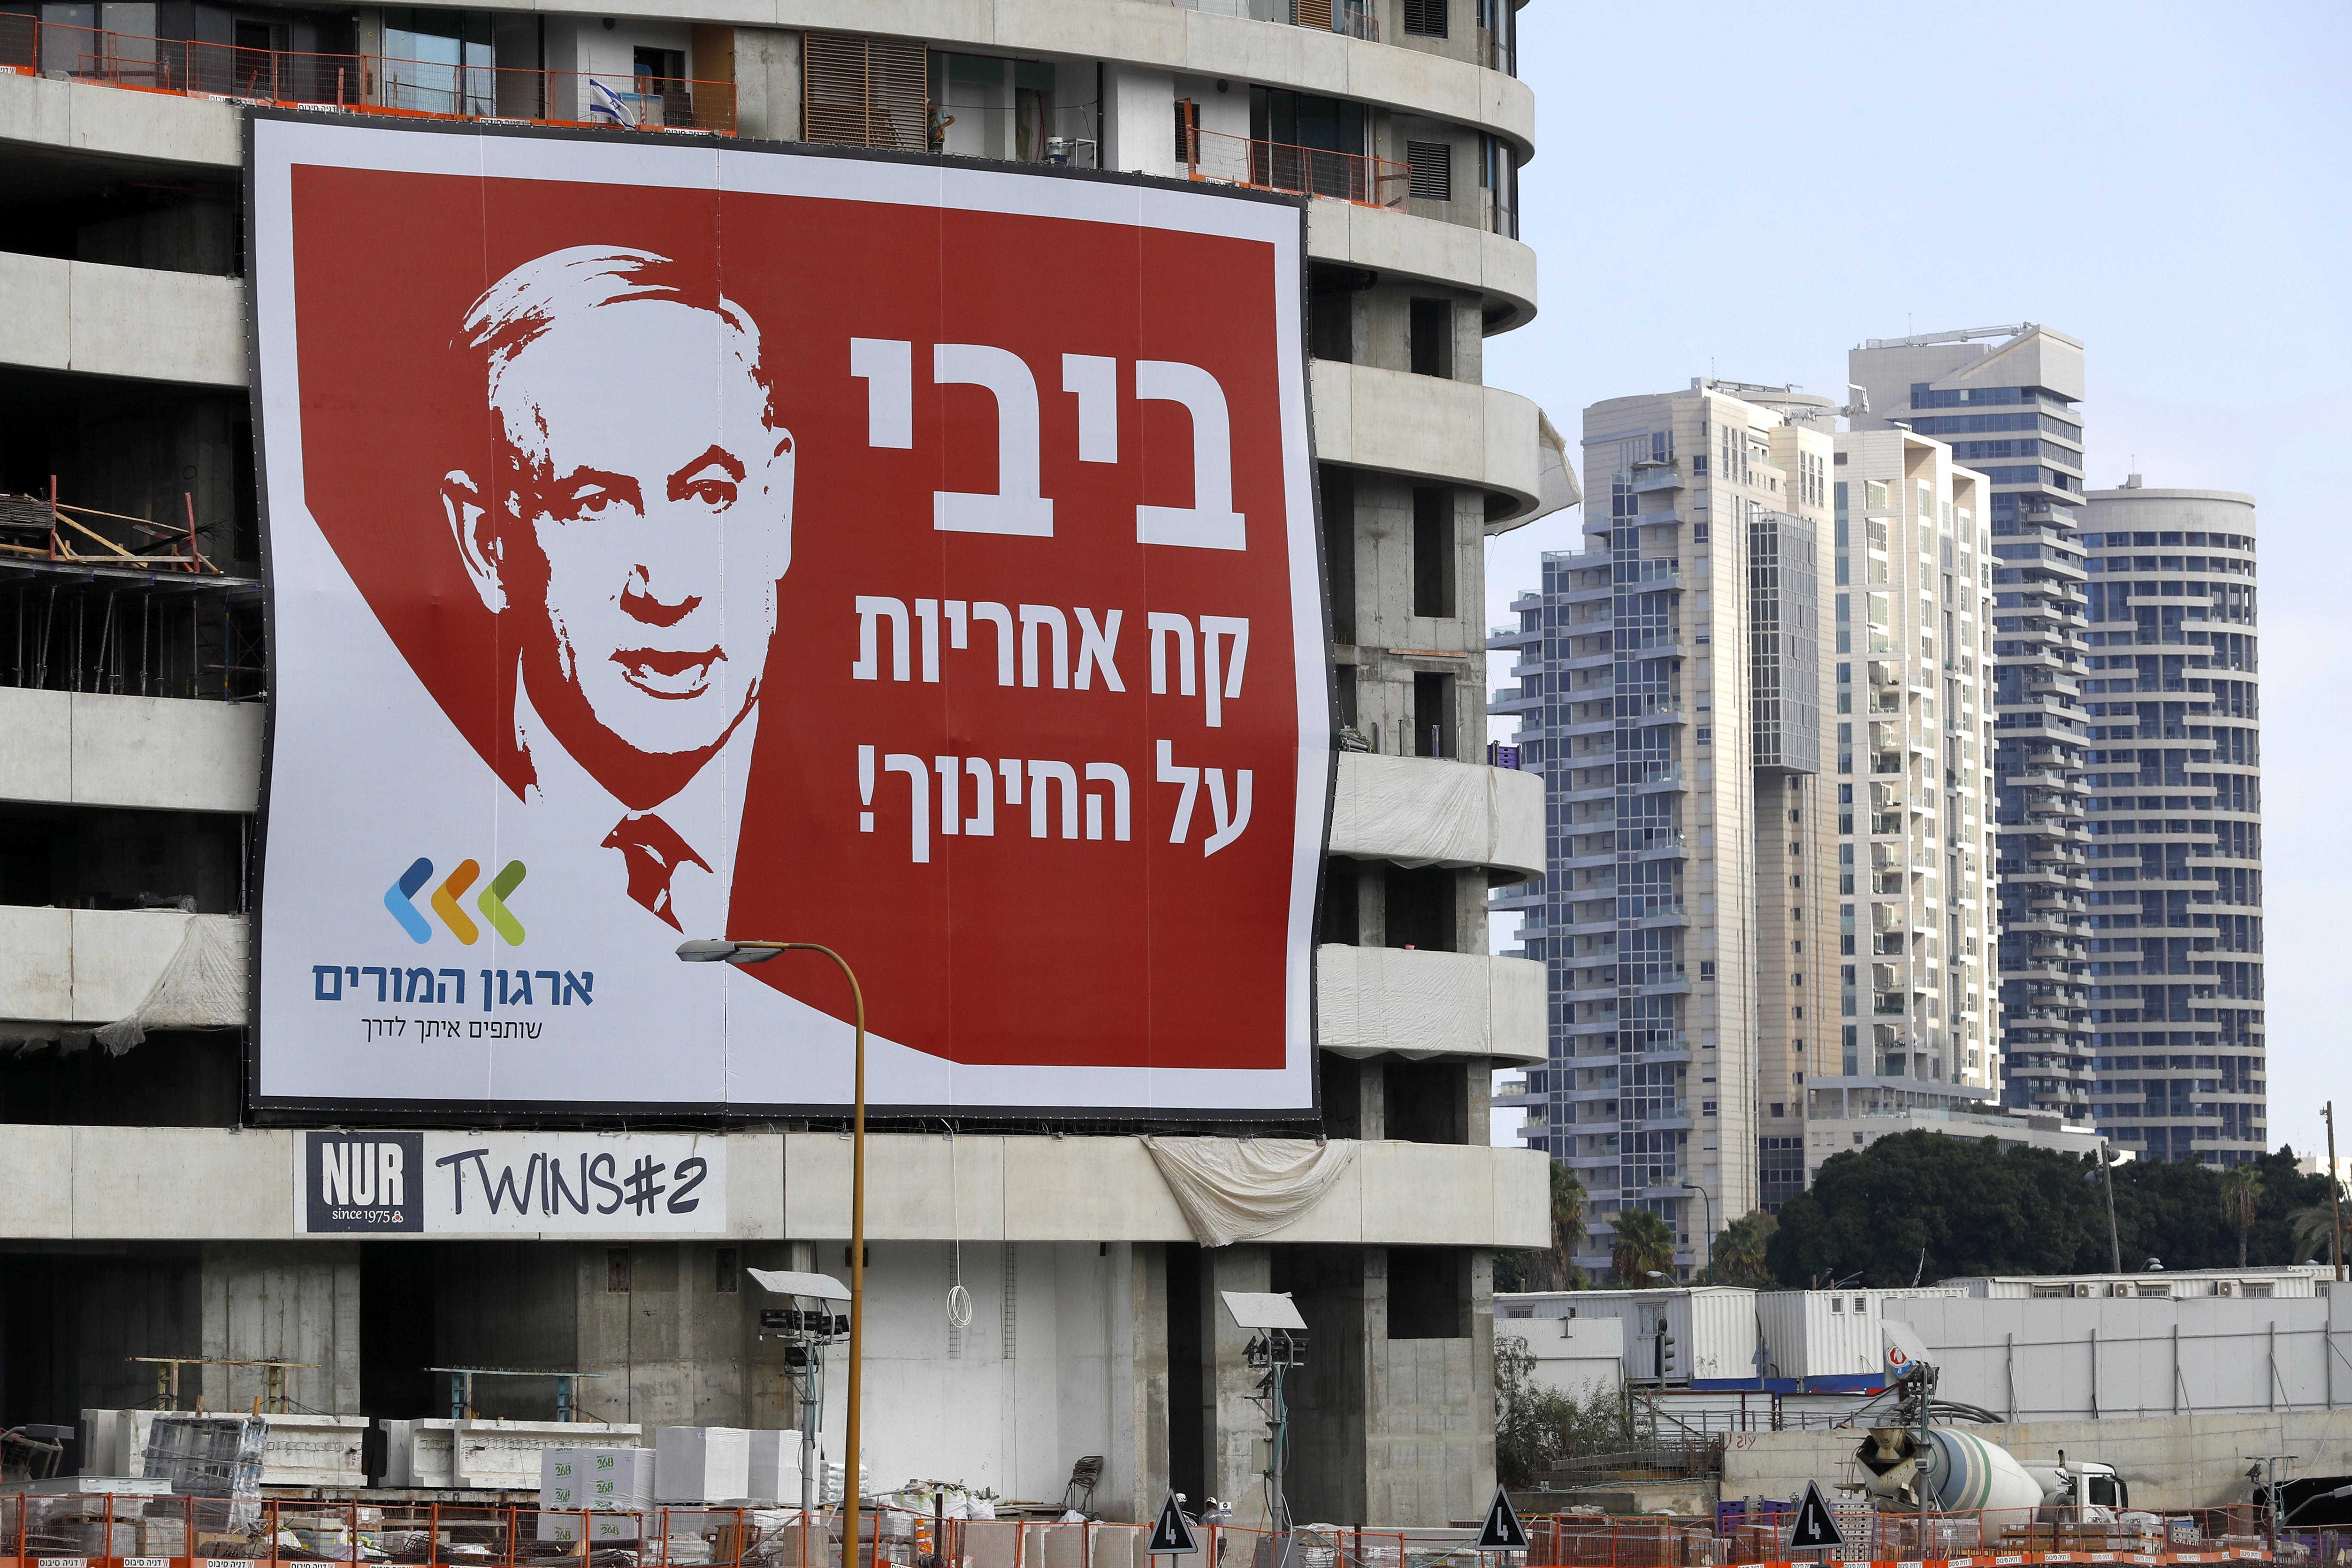 ملصق لرئيس الوزراء الإسرائيلي بنيامين نتانياهو في تل أبيب